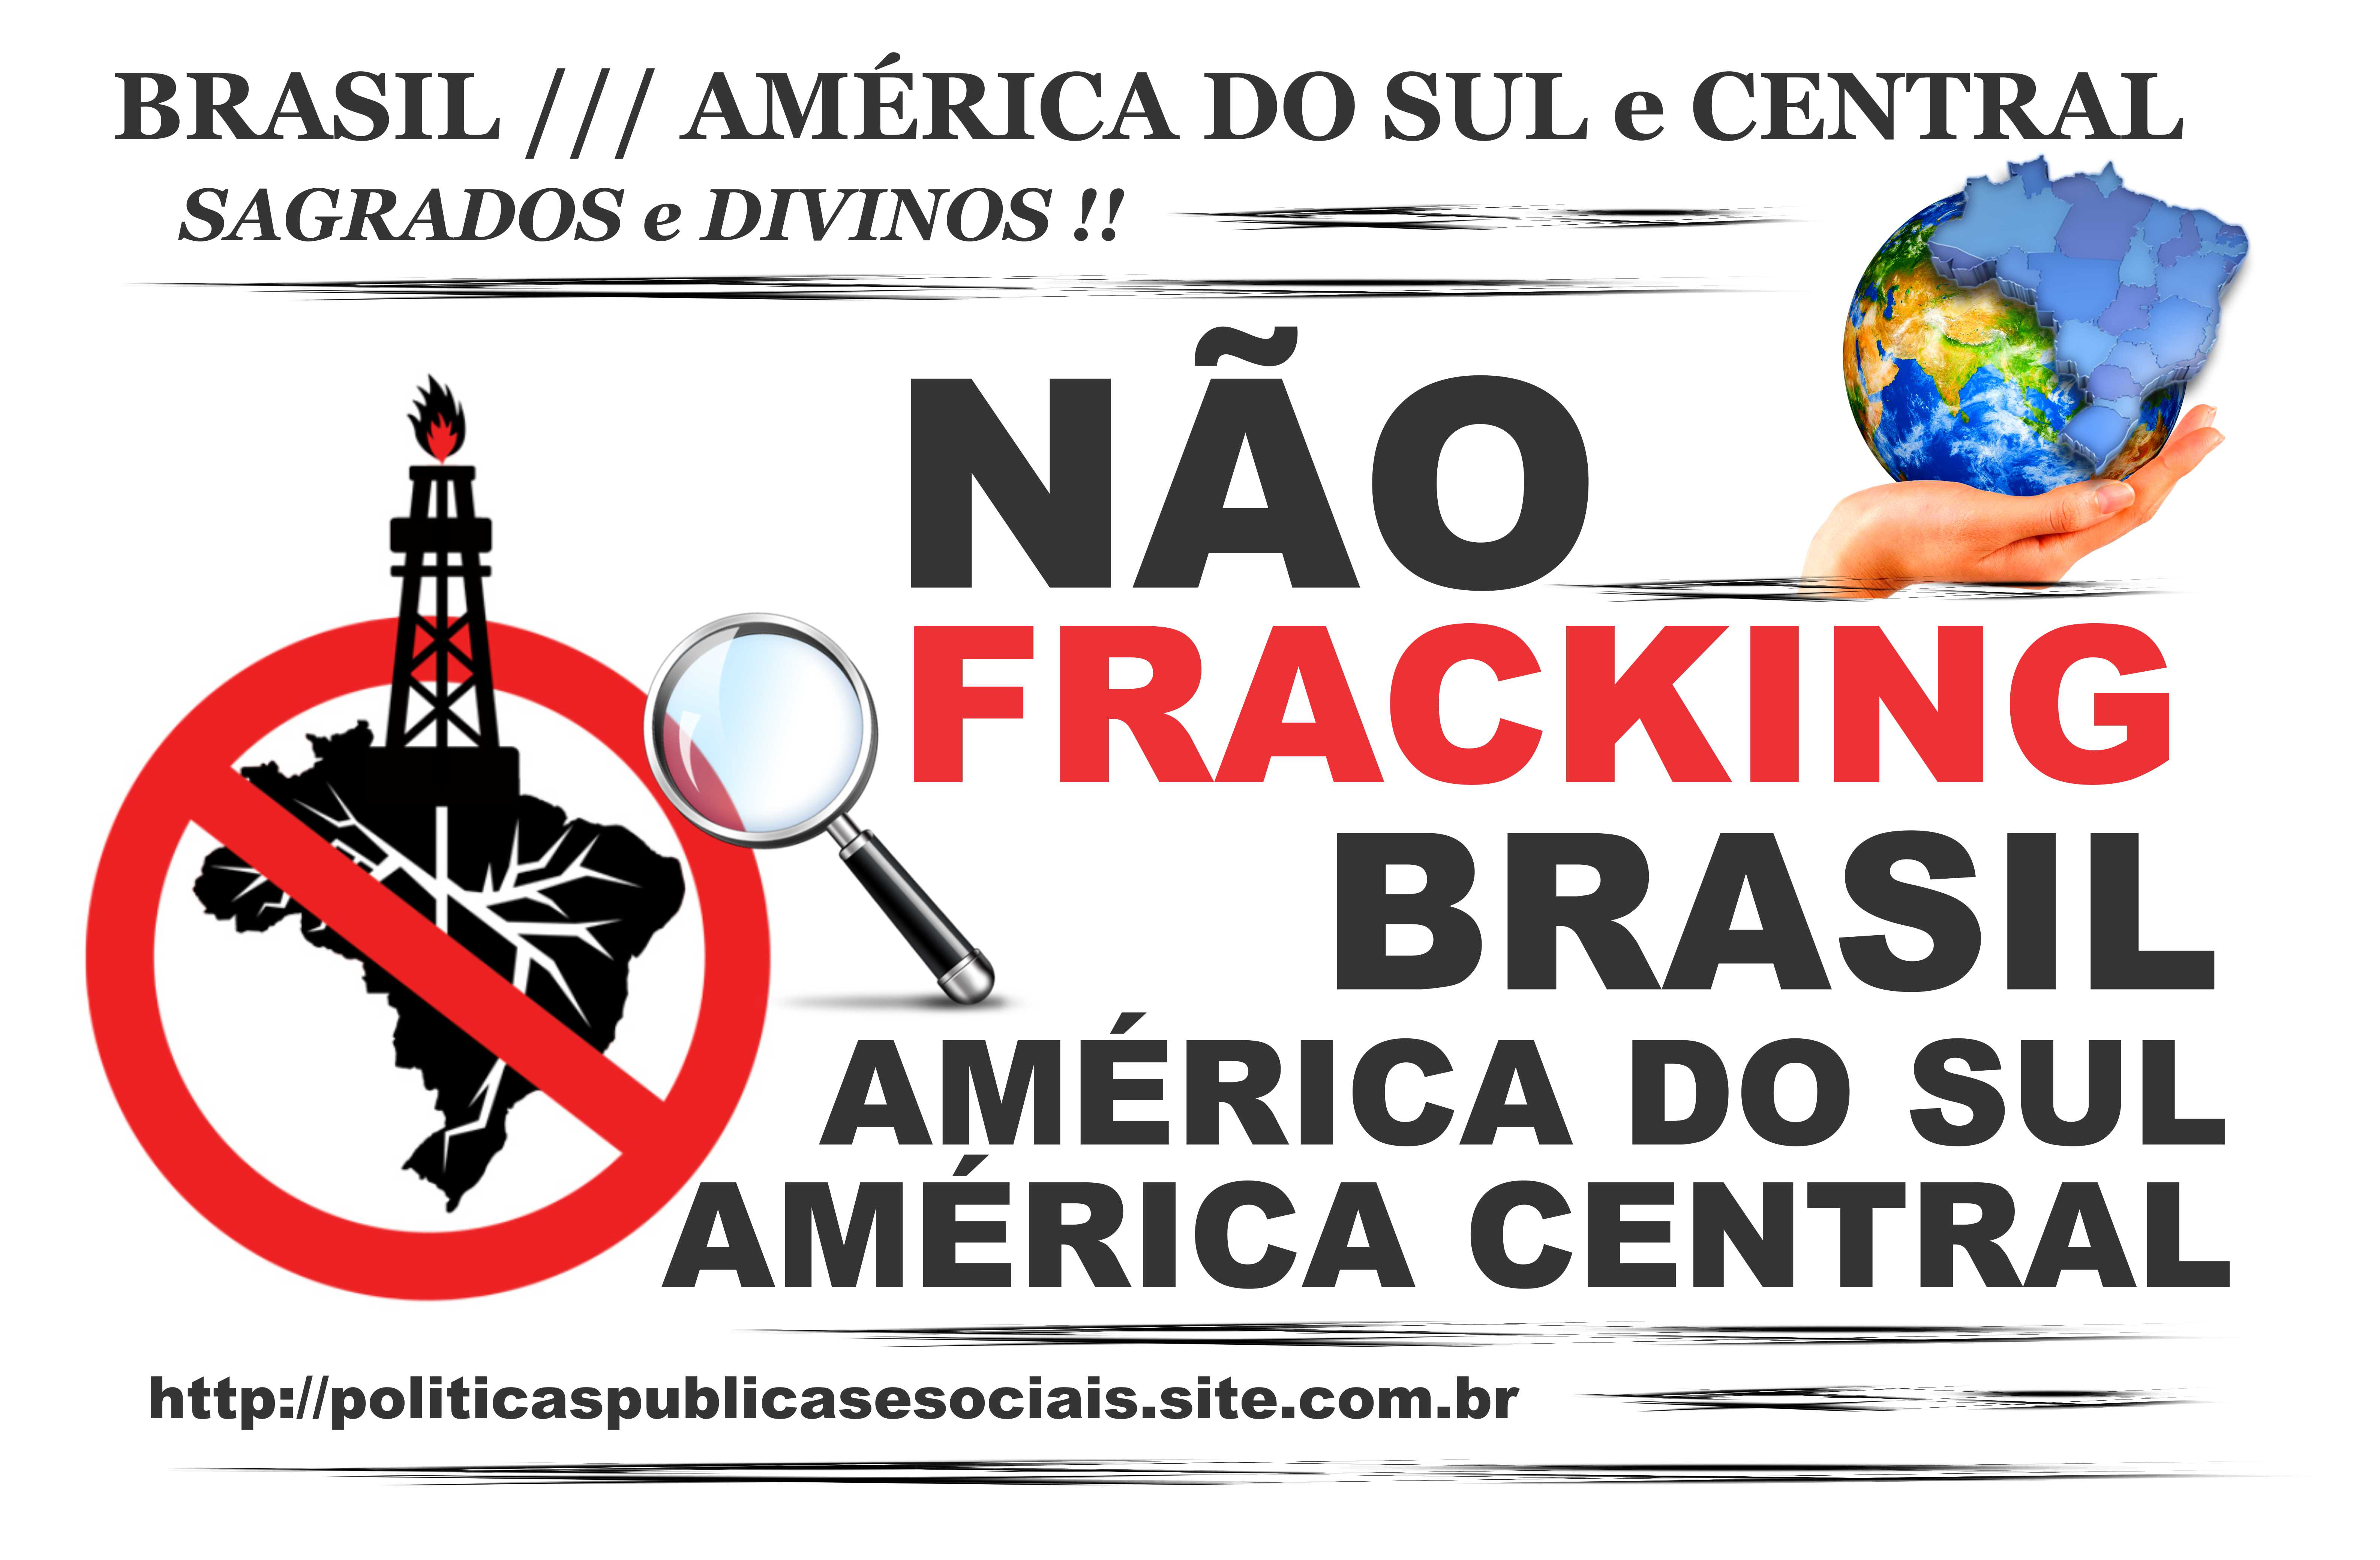 NÃO AO FRACKING BRASIL 2016 2017 2018 01